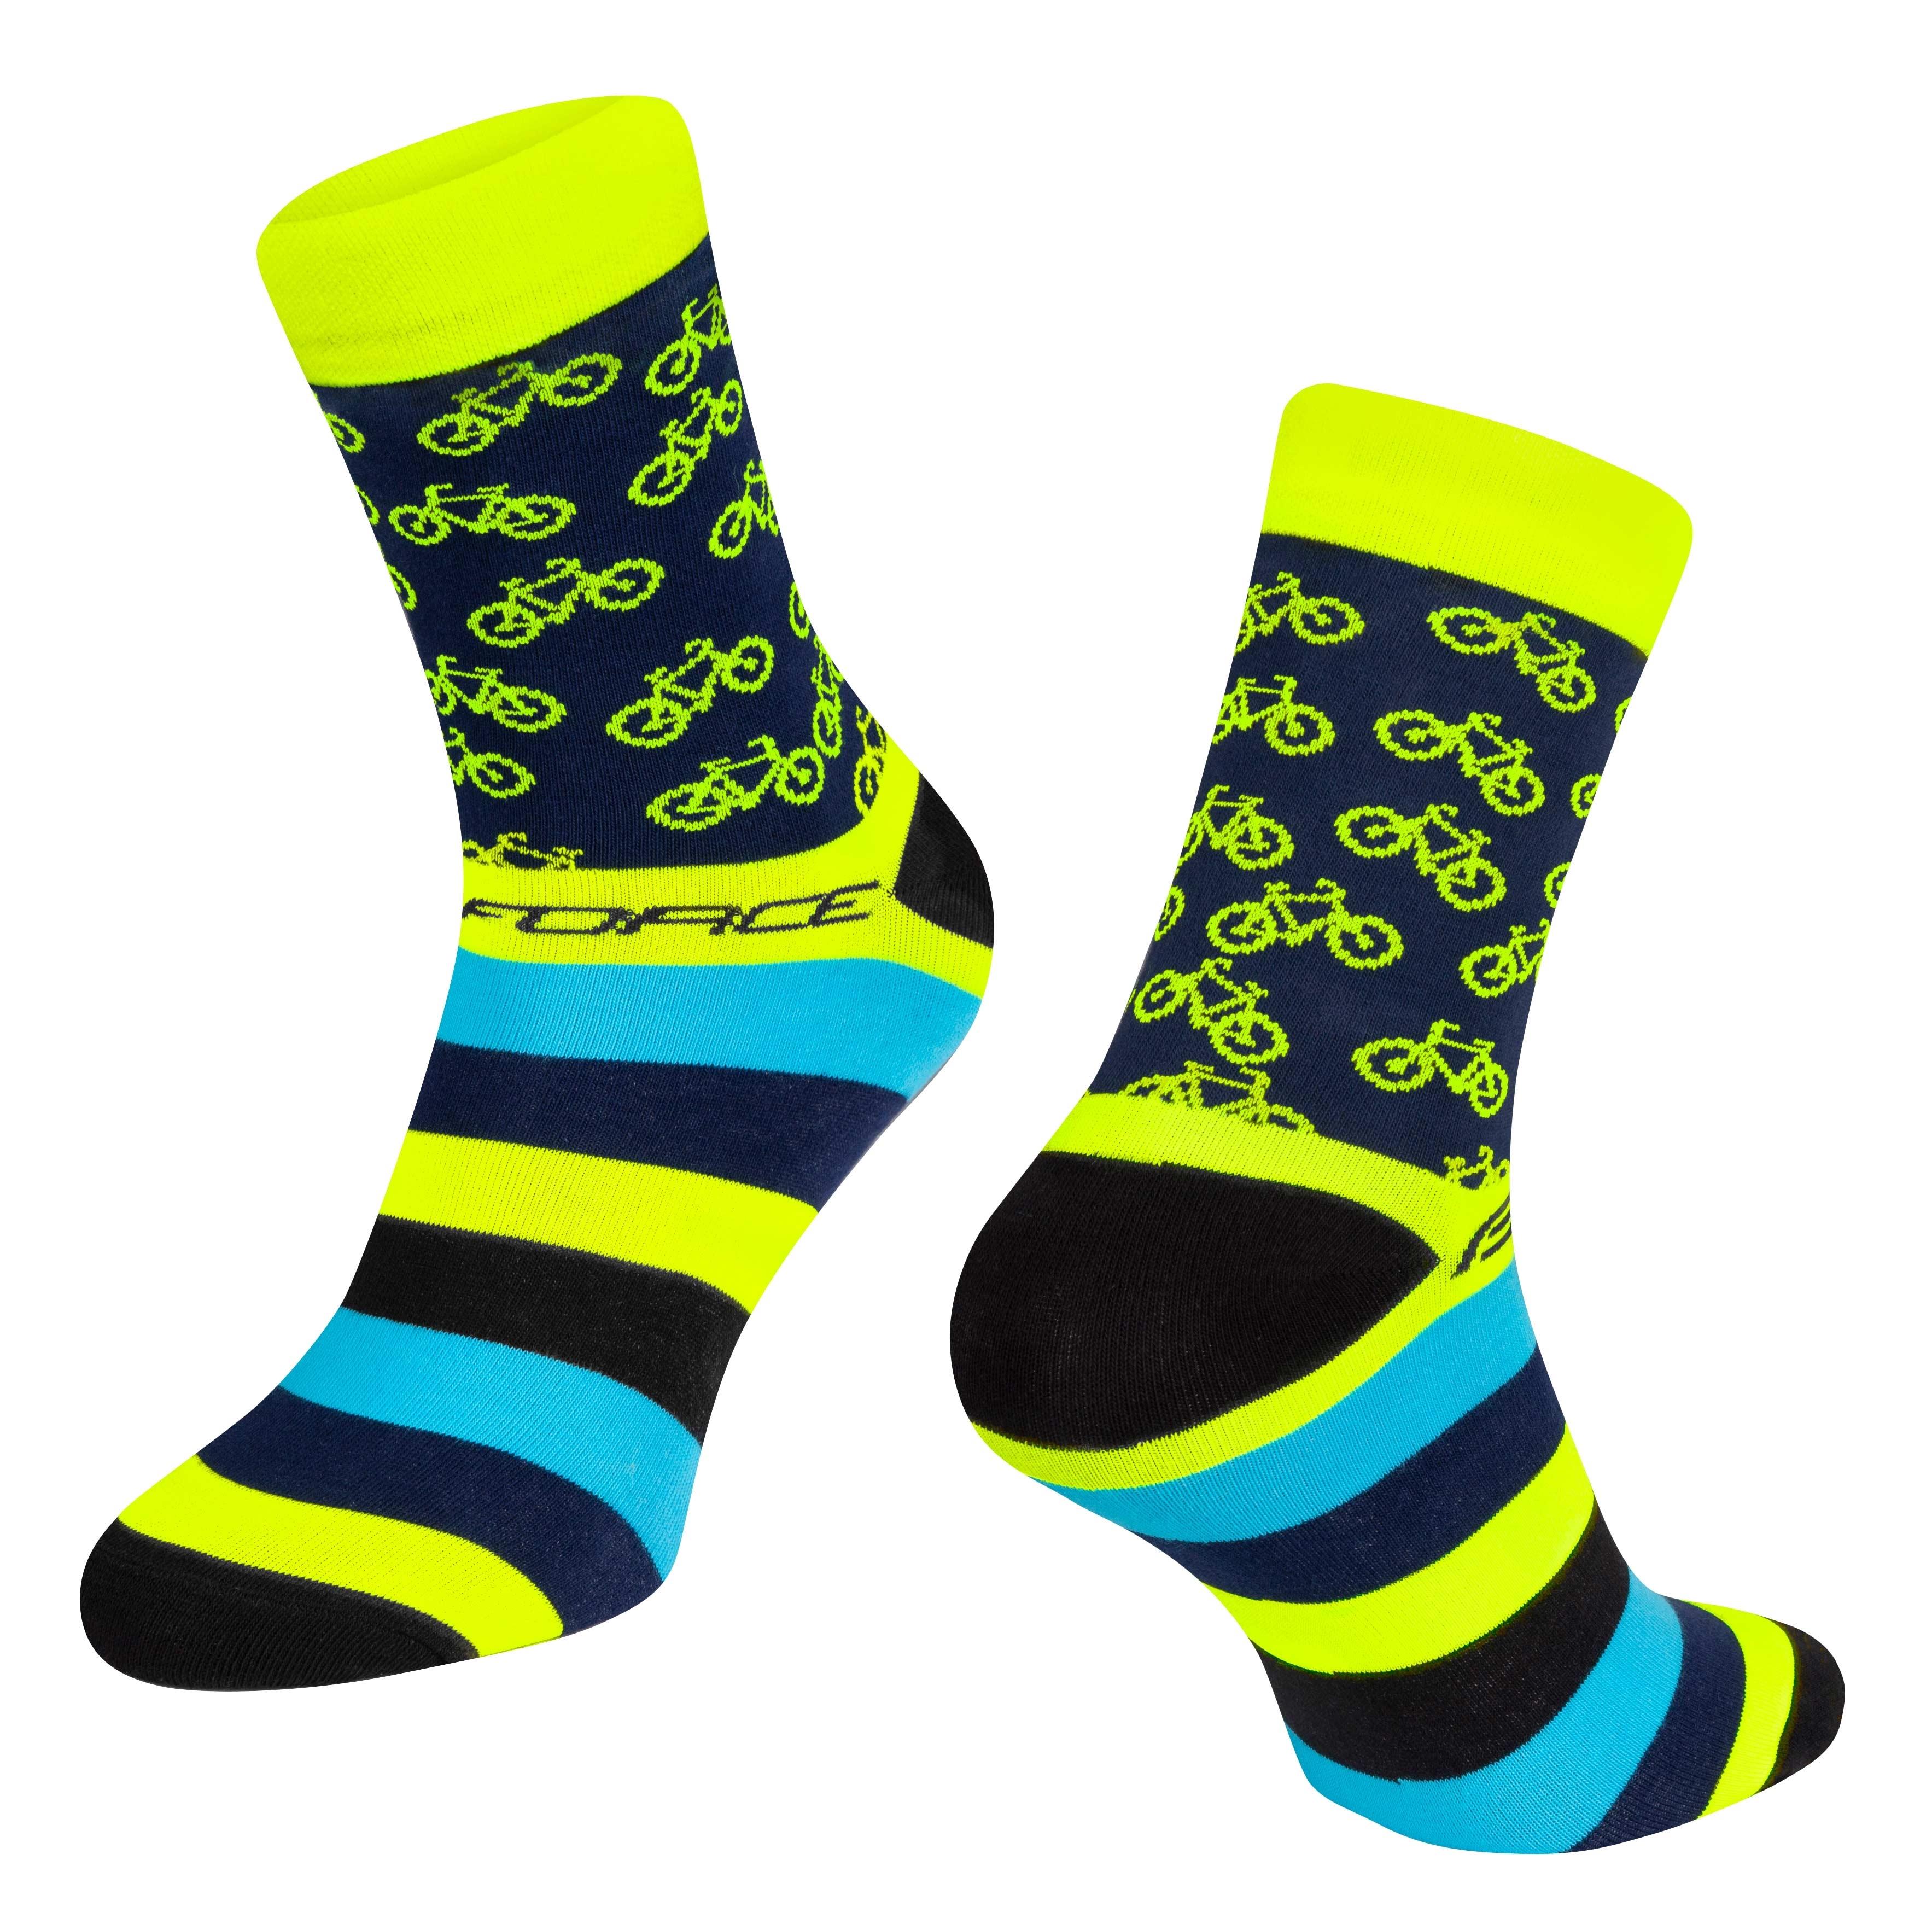 ponožky FORCE CYCLE, žluté S-M/36-41